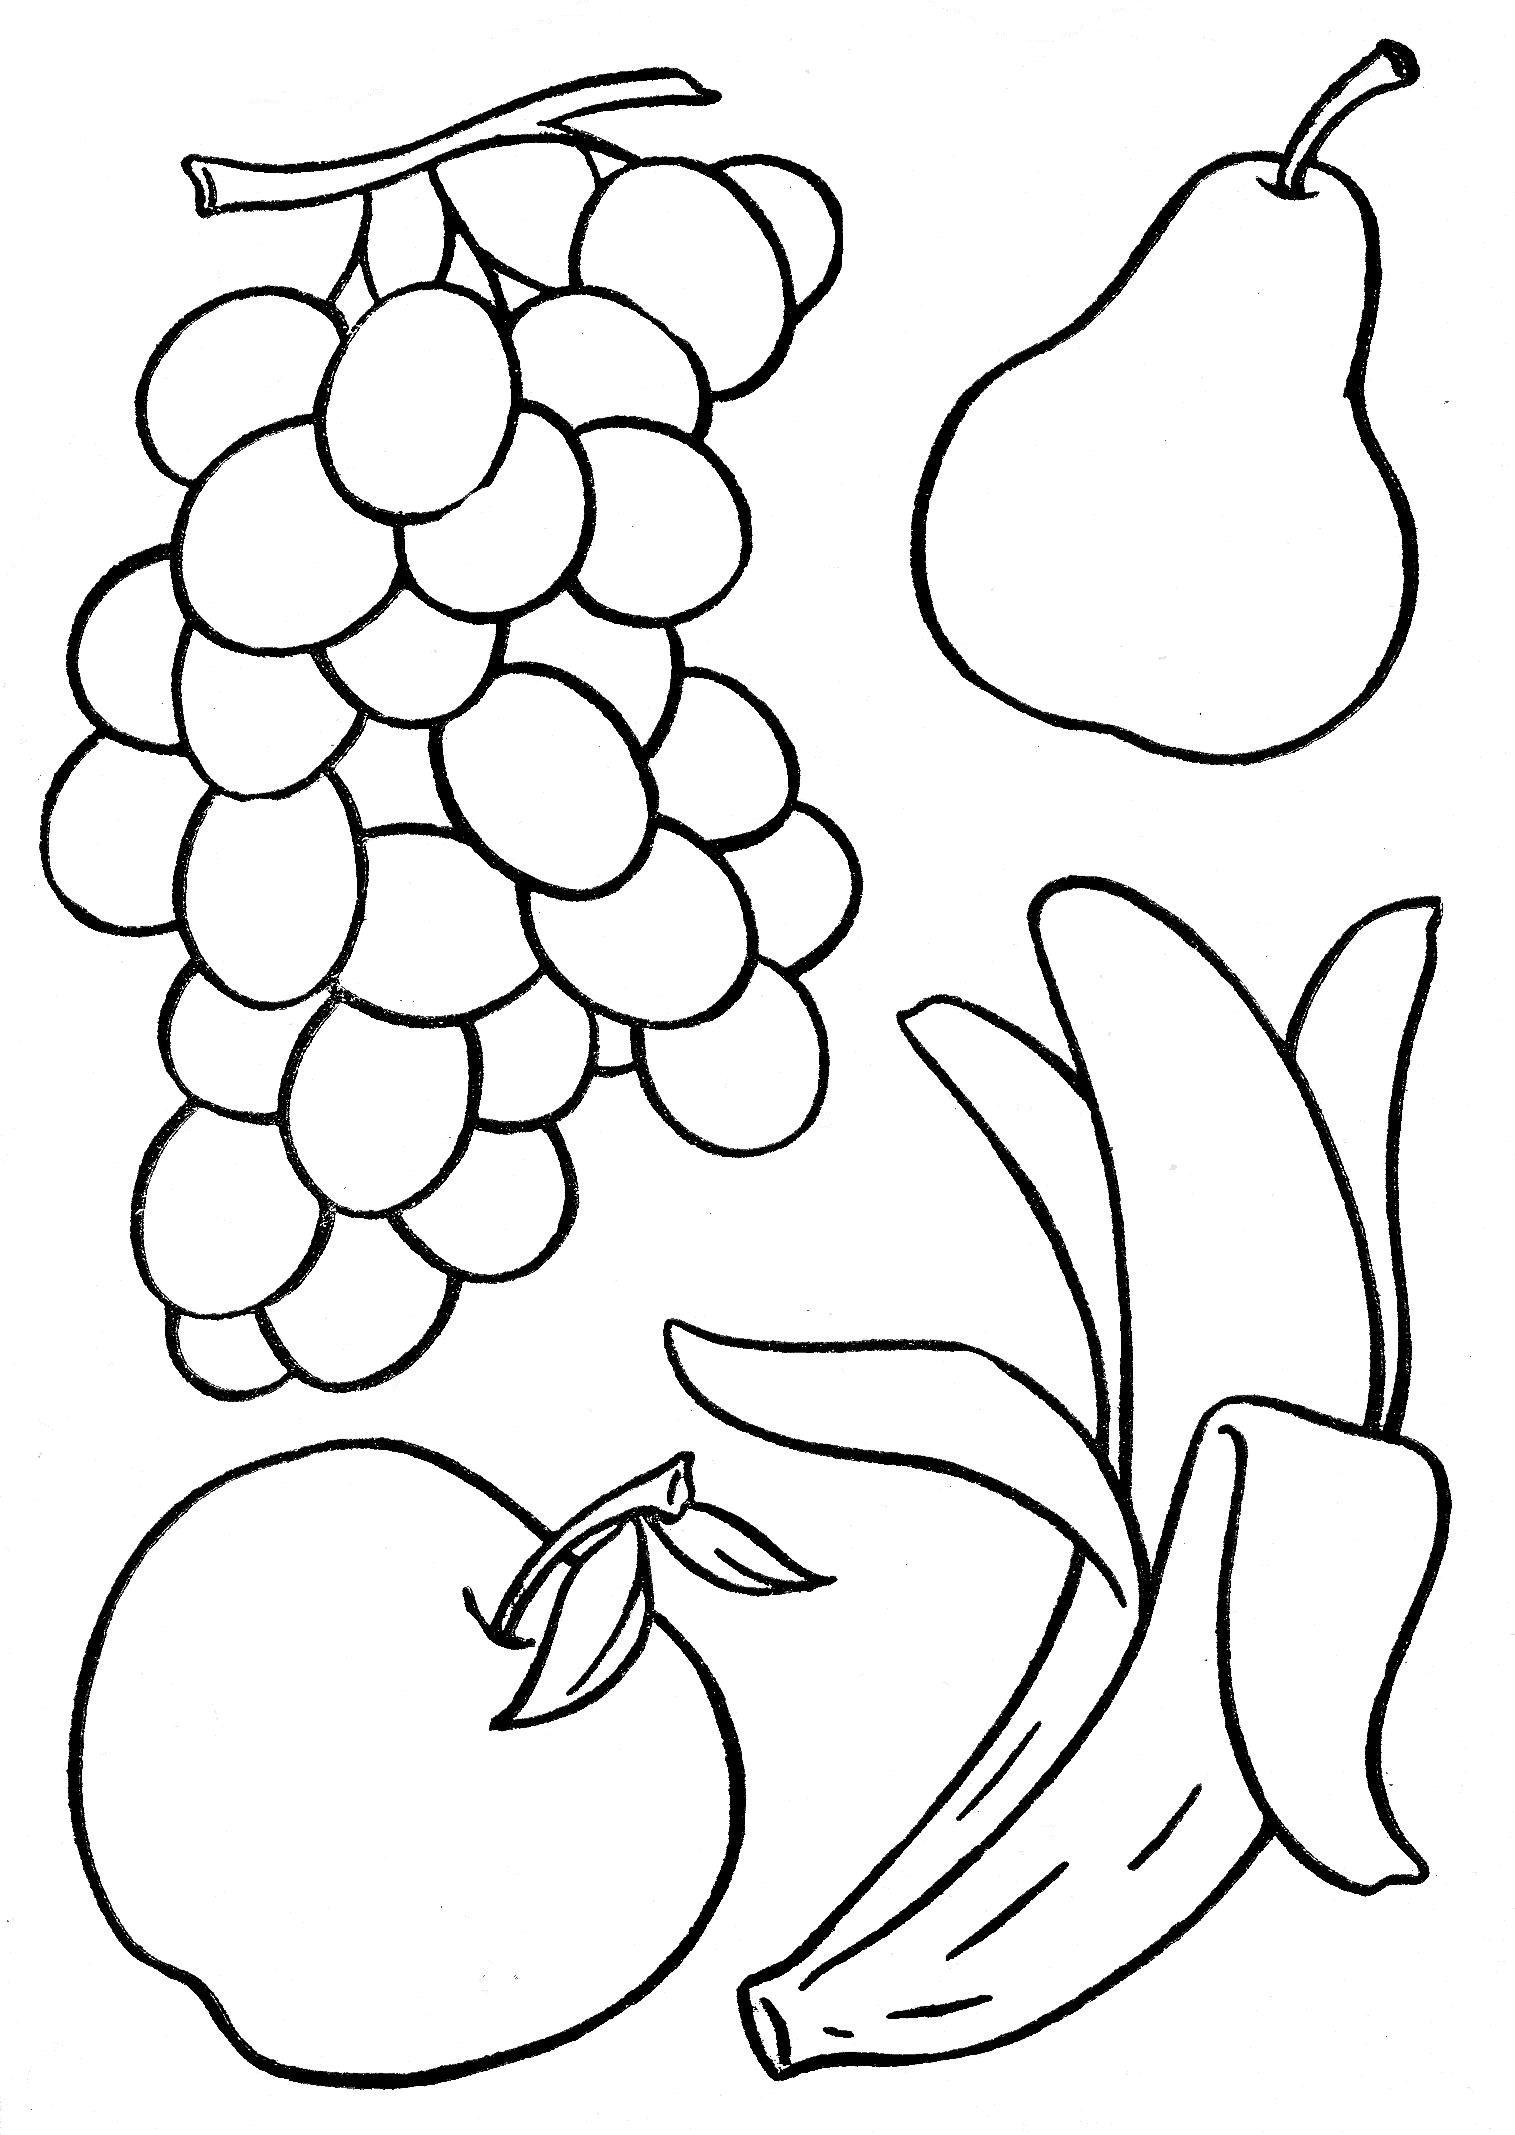 Obst Zum Ausmalen